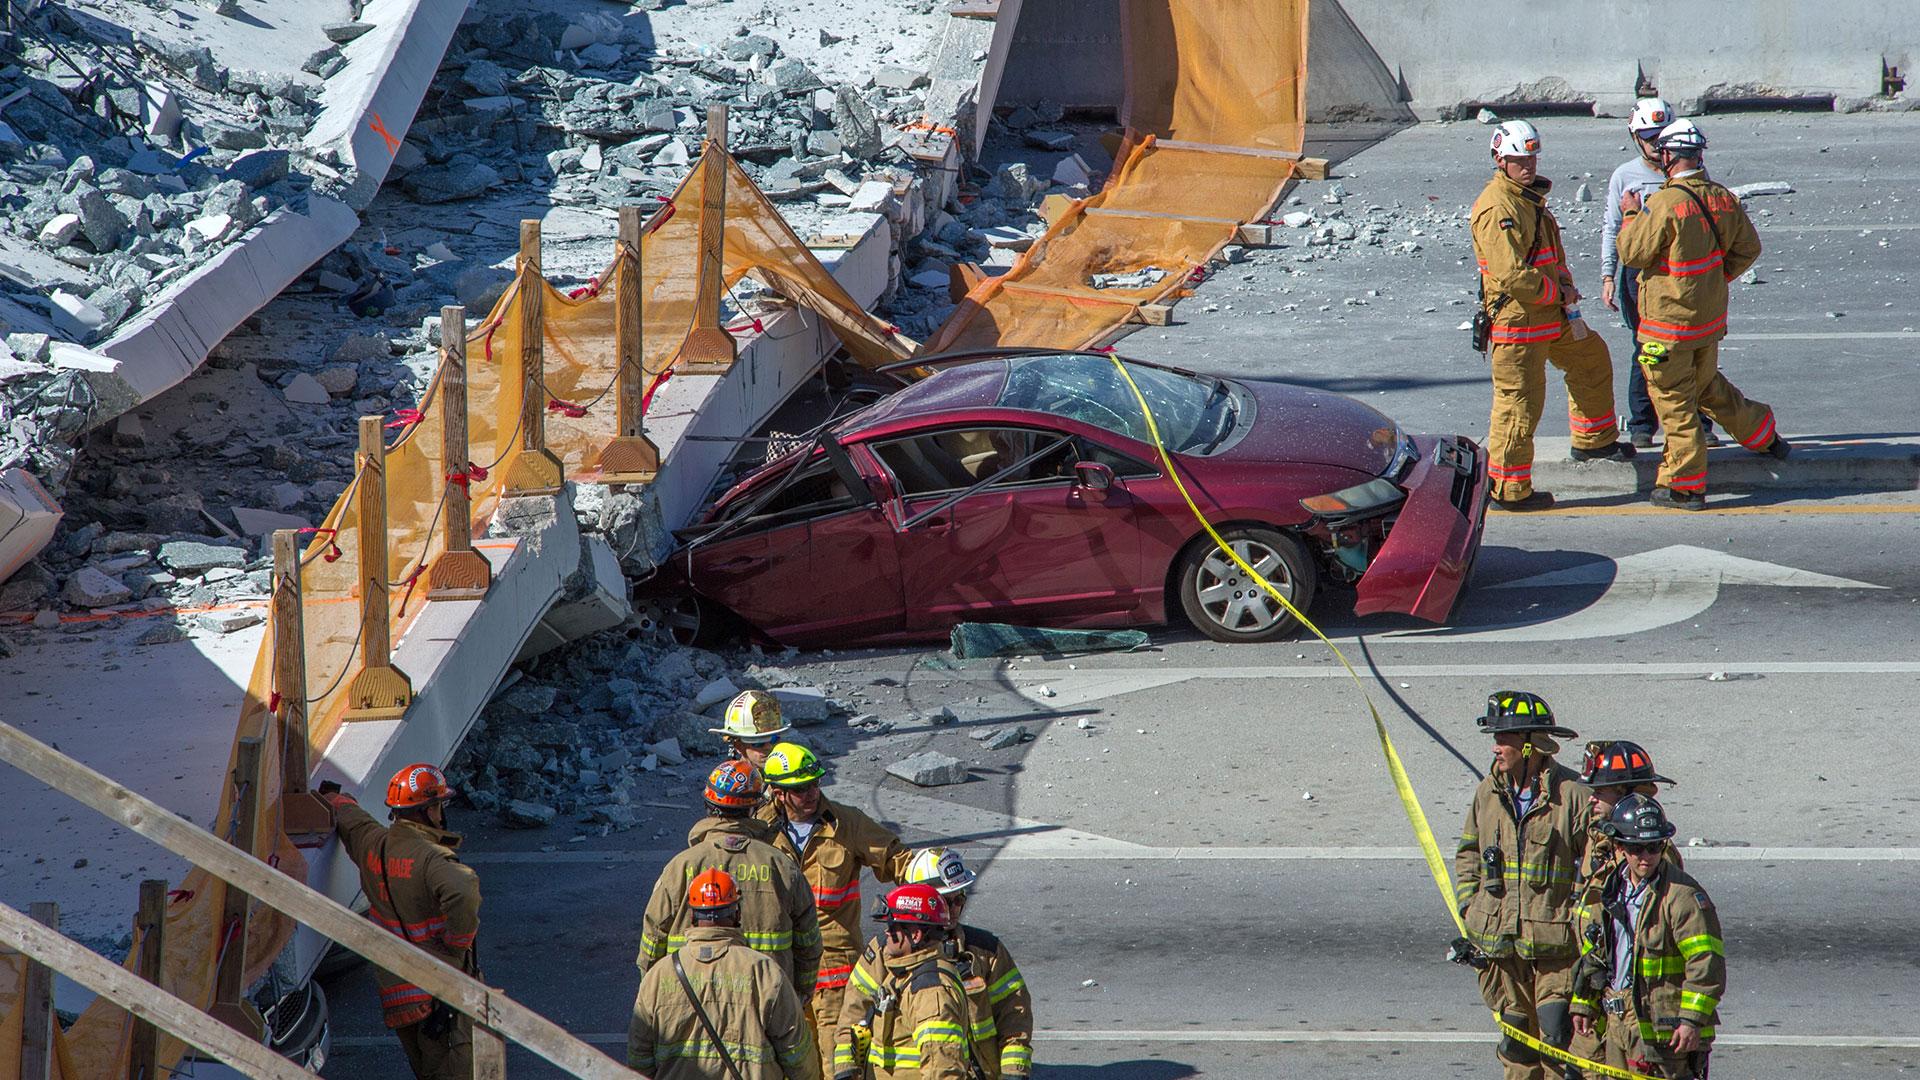 El derrumbe del puente peatonal sobre la conocida calle ocho dejó seis muertos, varios heridos y algunas personas atrapadas bajo los escombros (EFE)